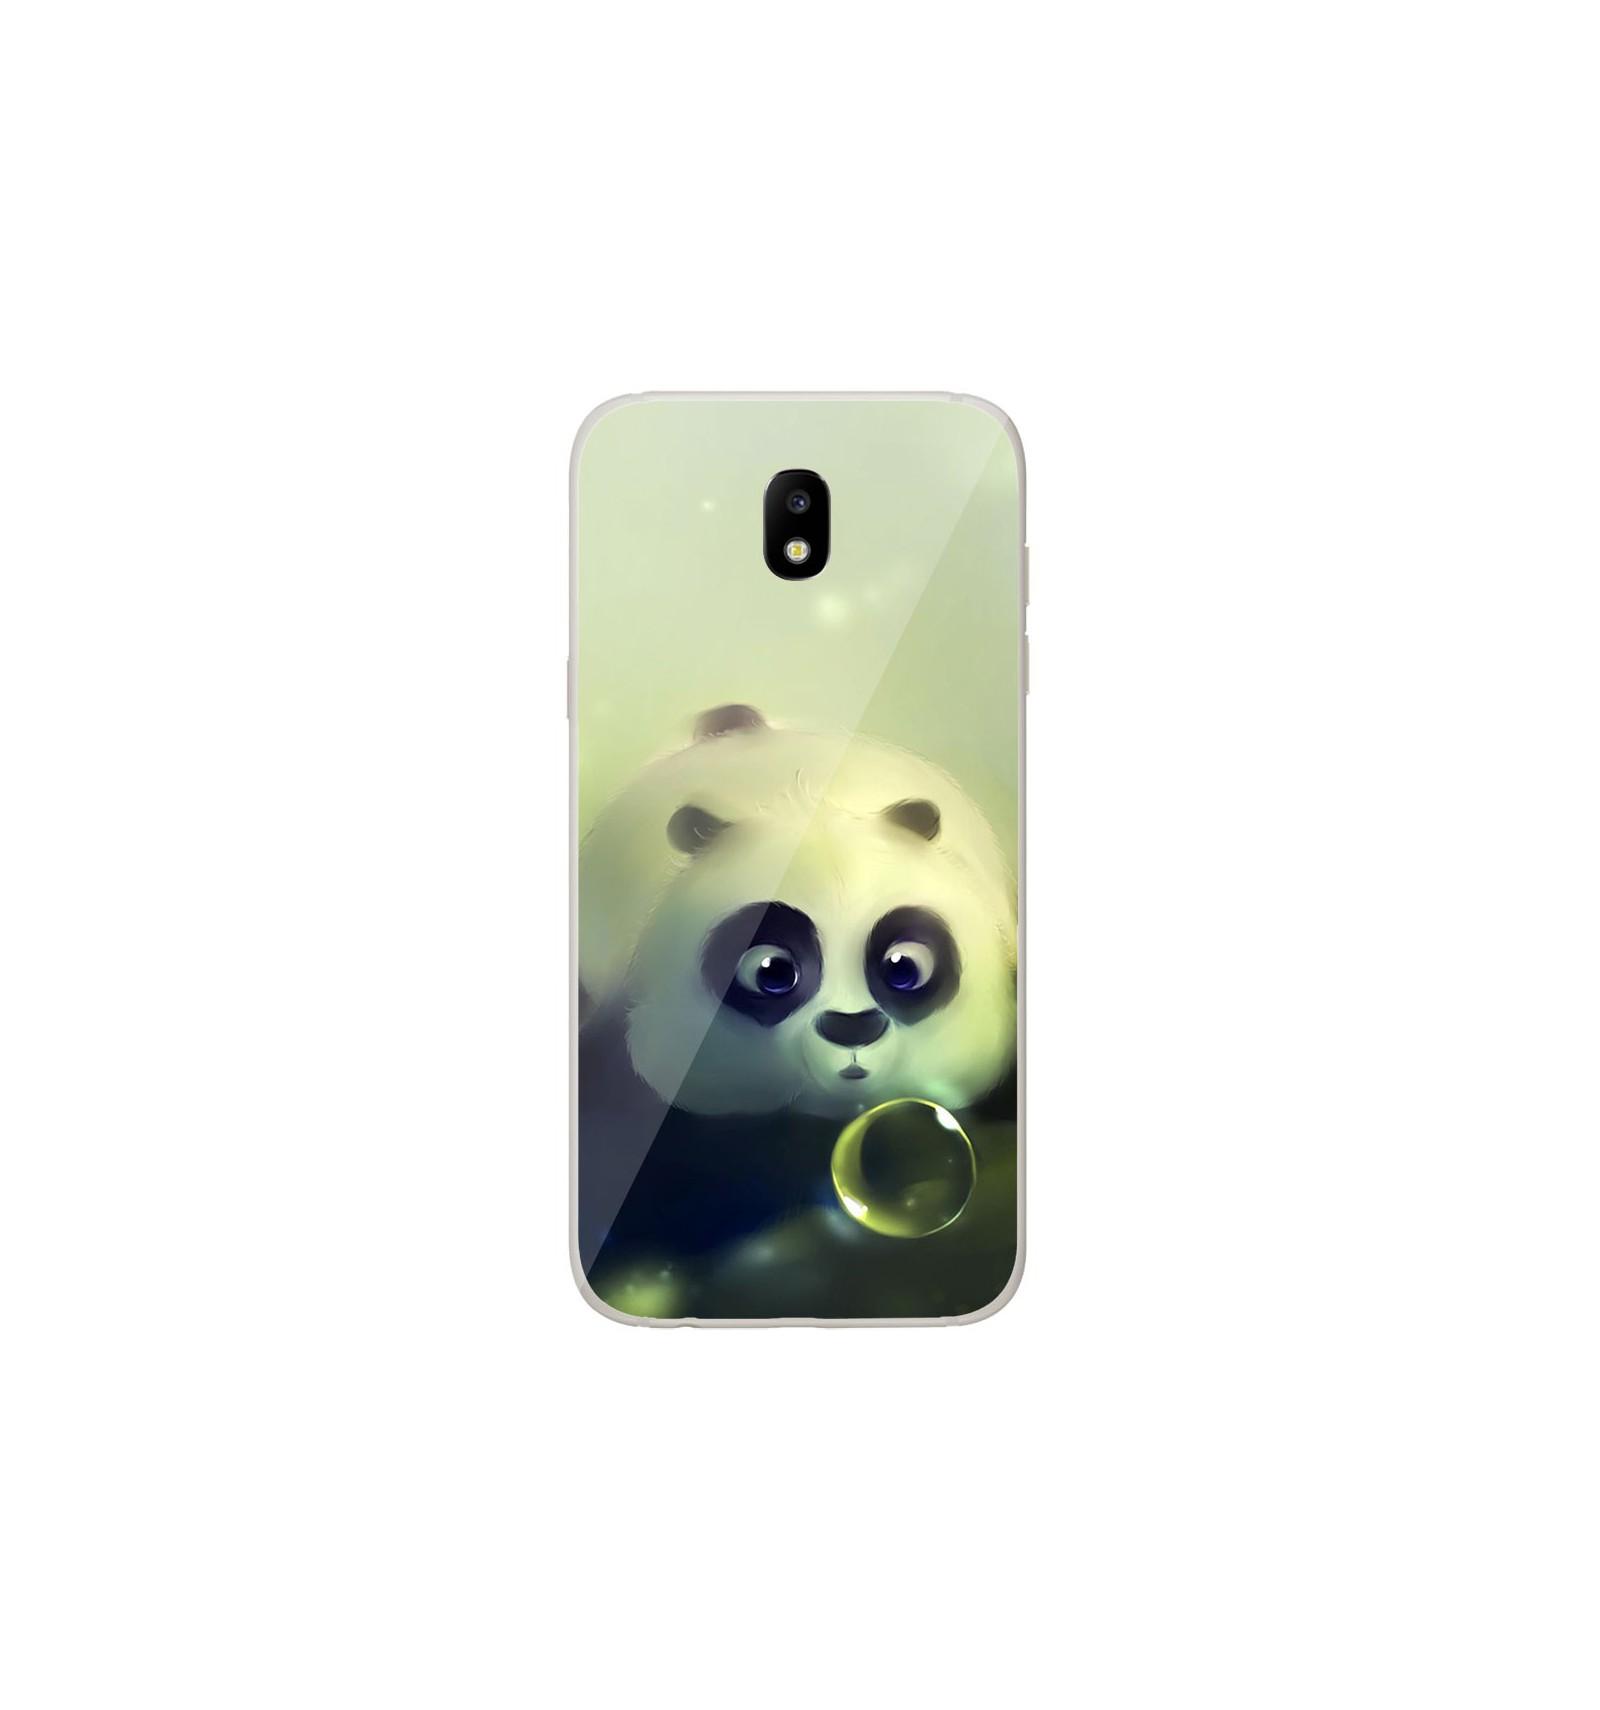 coque panda samsung j3 2017